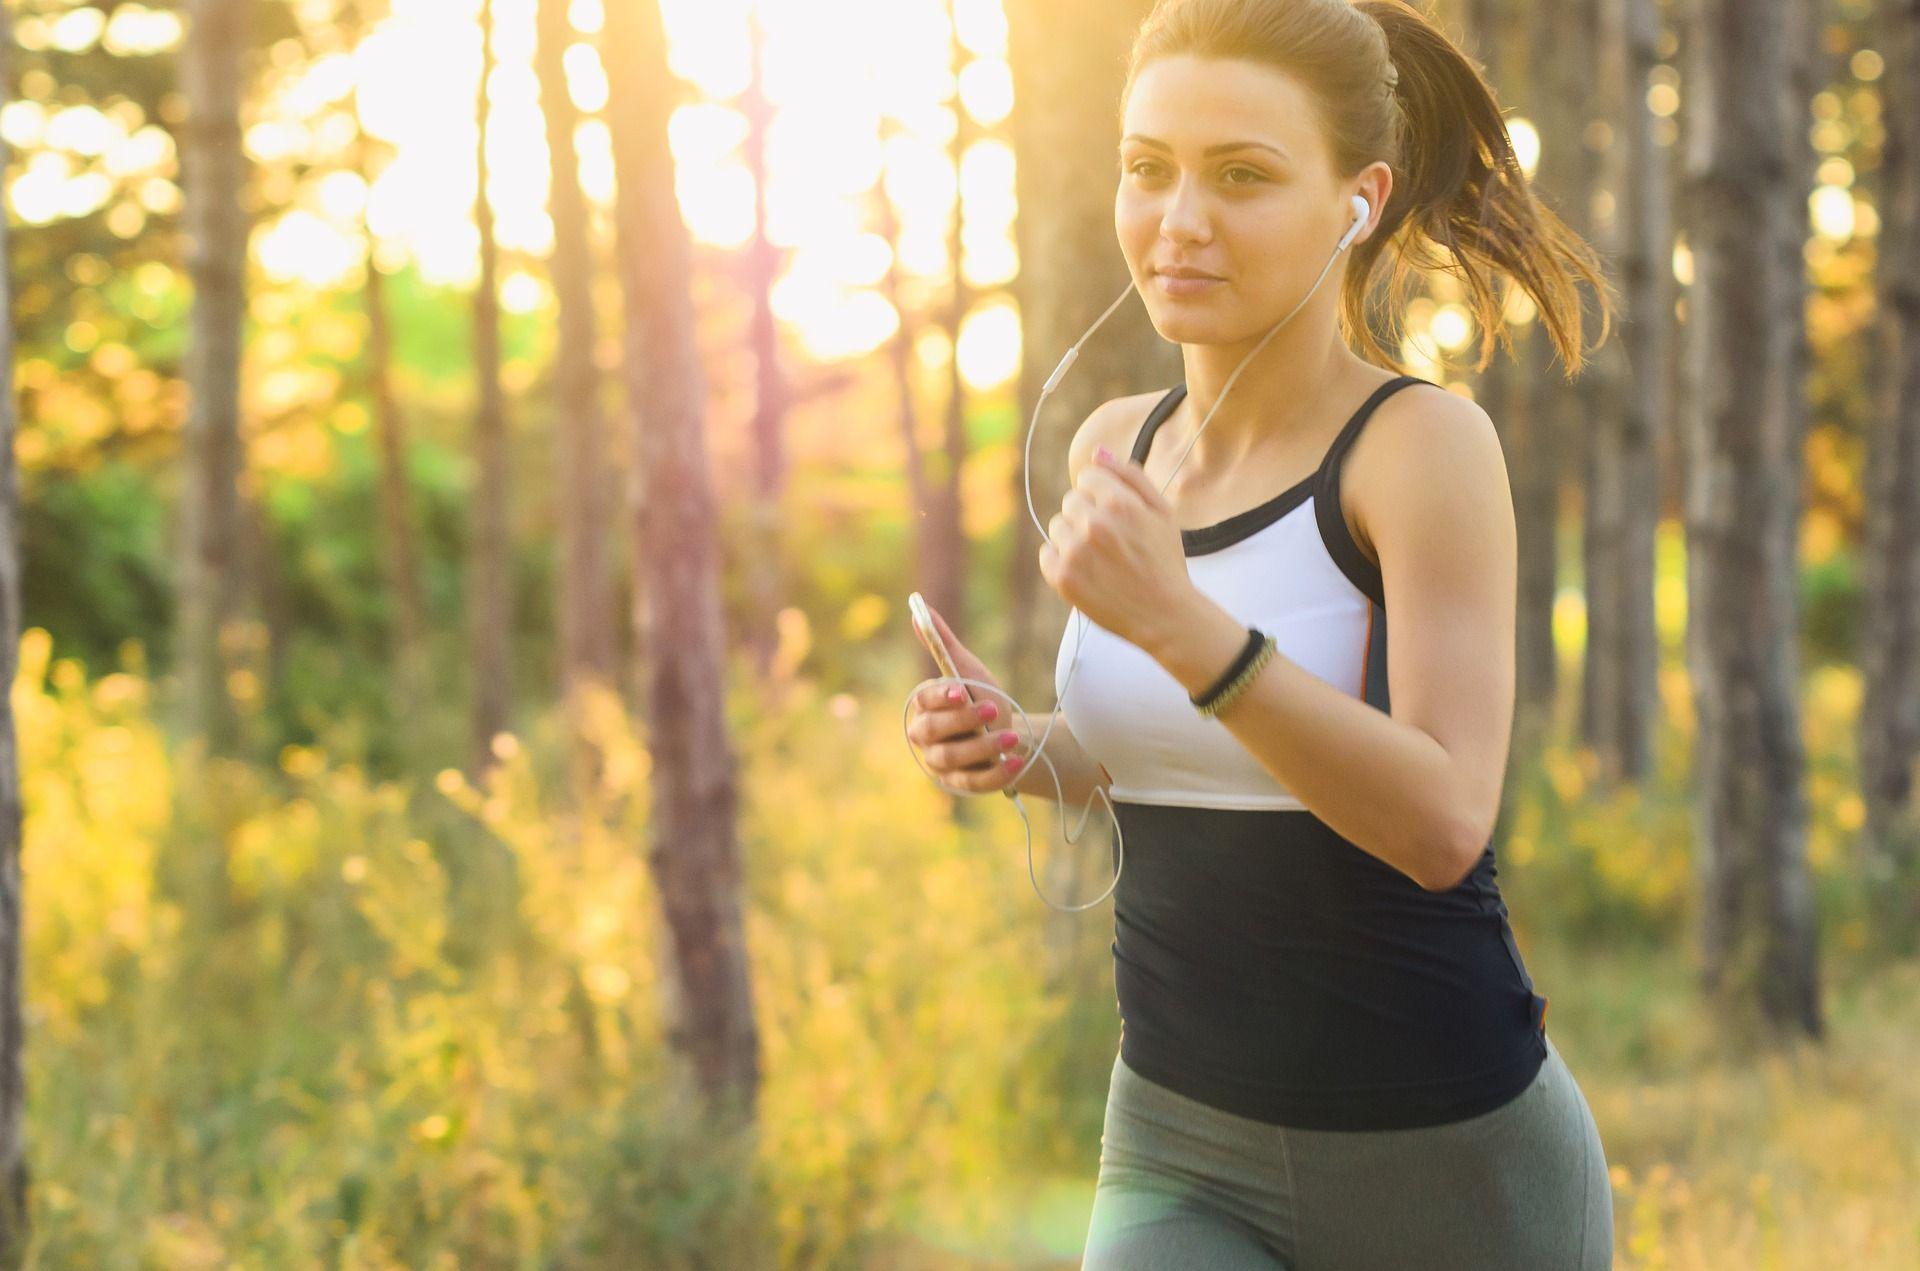 Участникам предстоит пробежать трусцой20 километров. Фото: pixabay.com